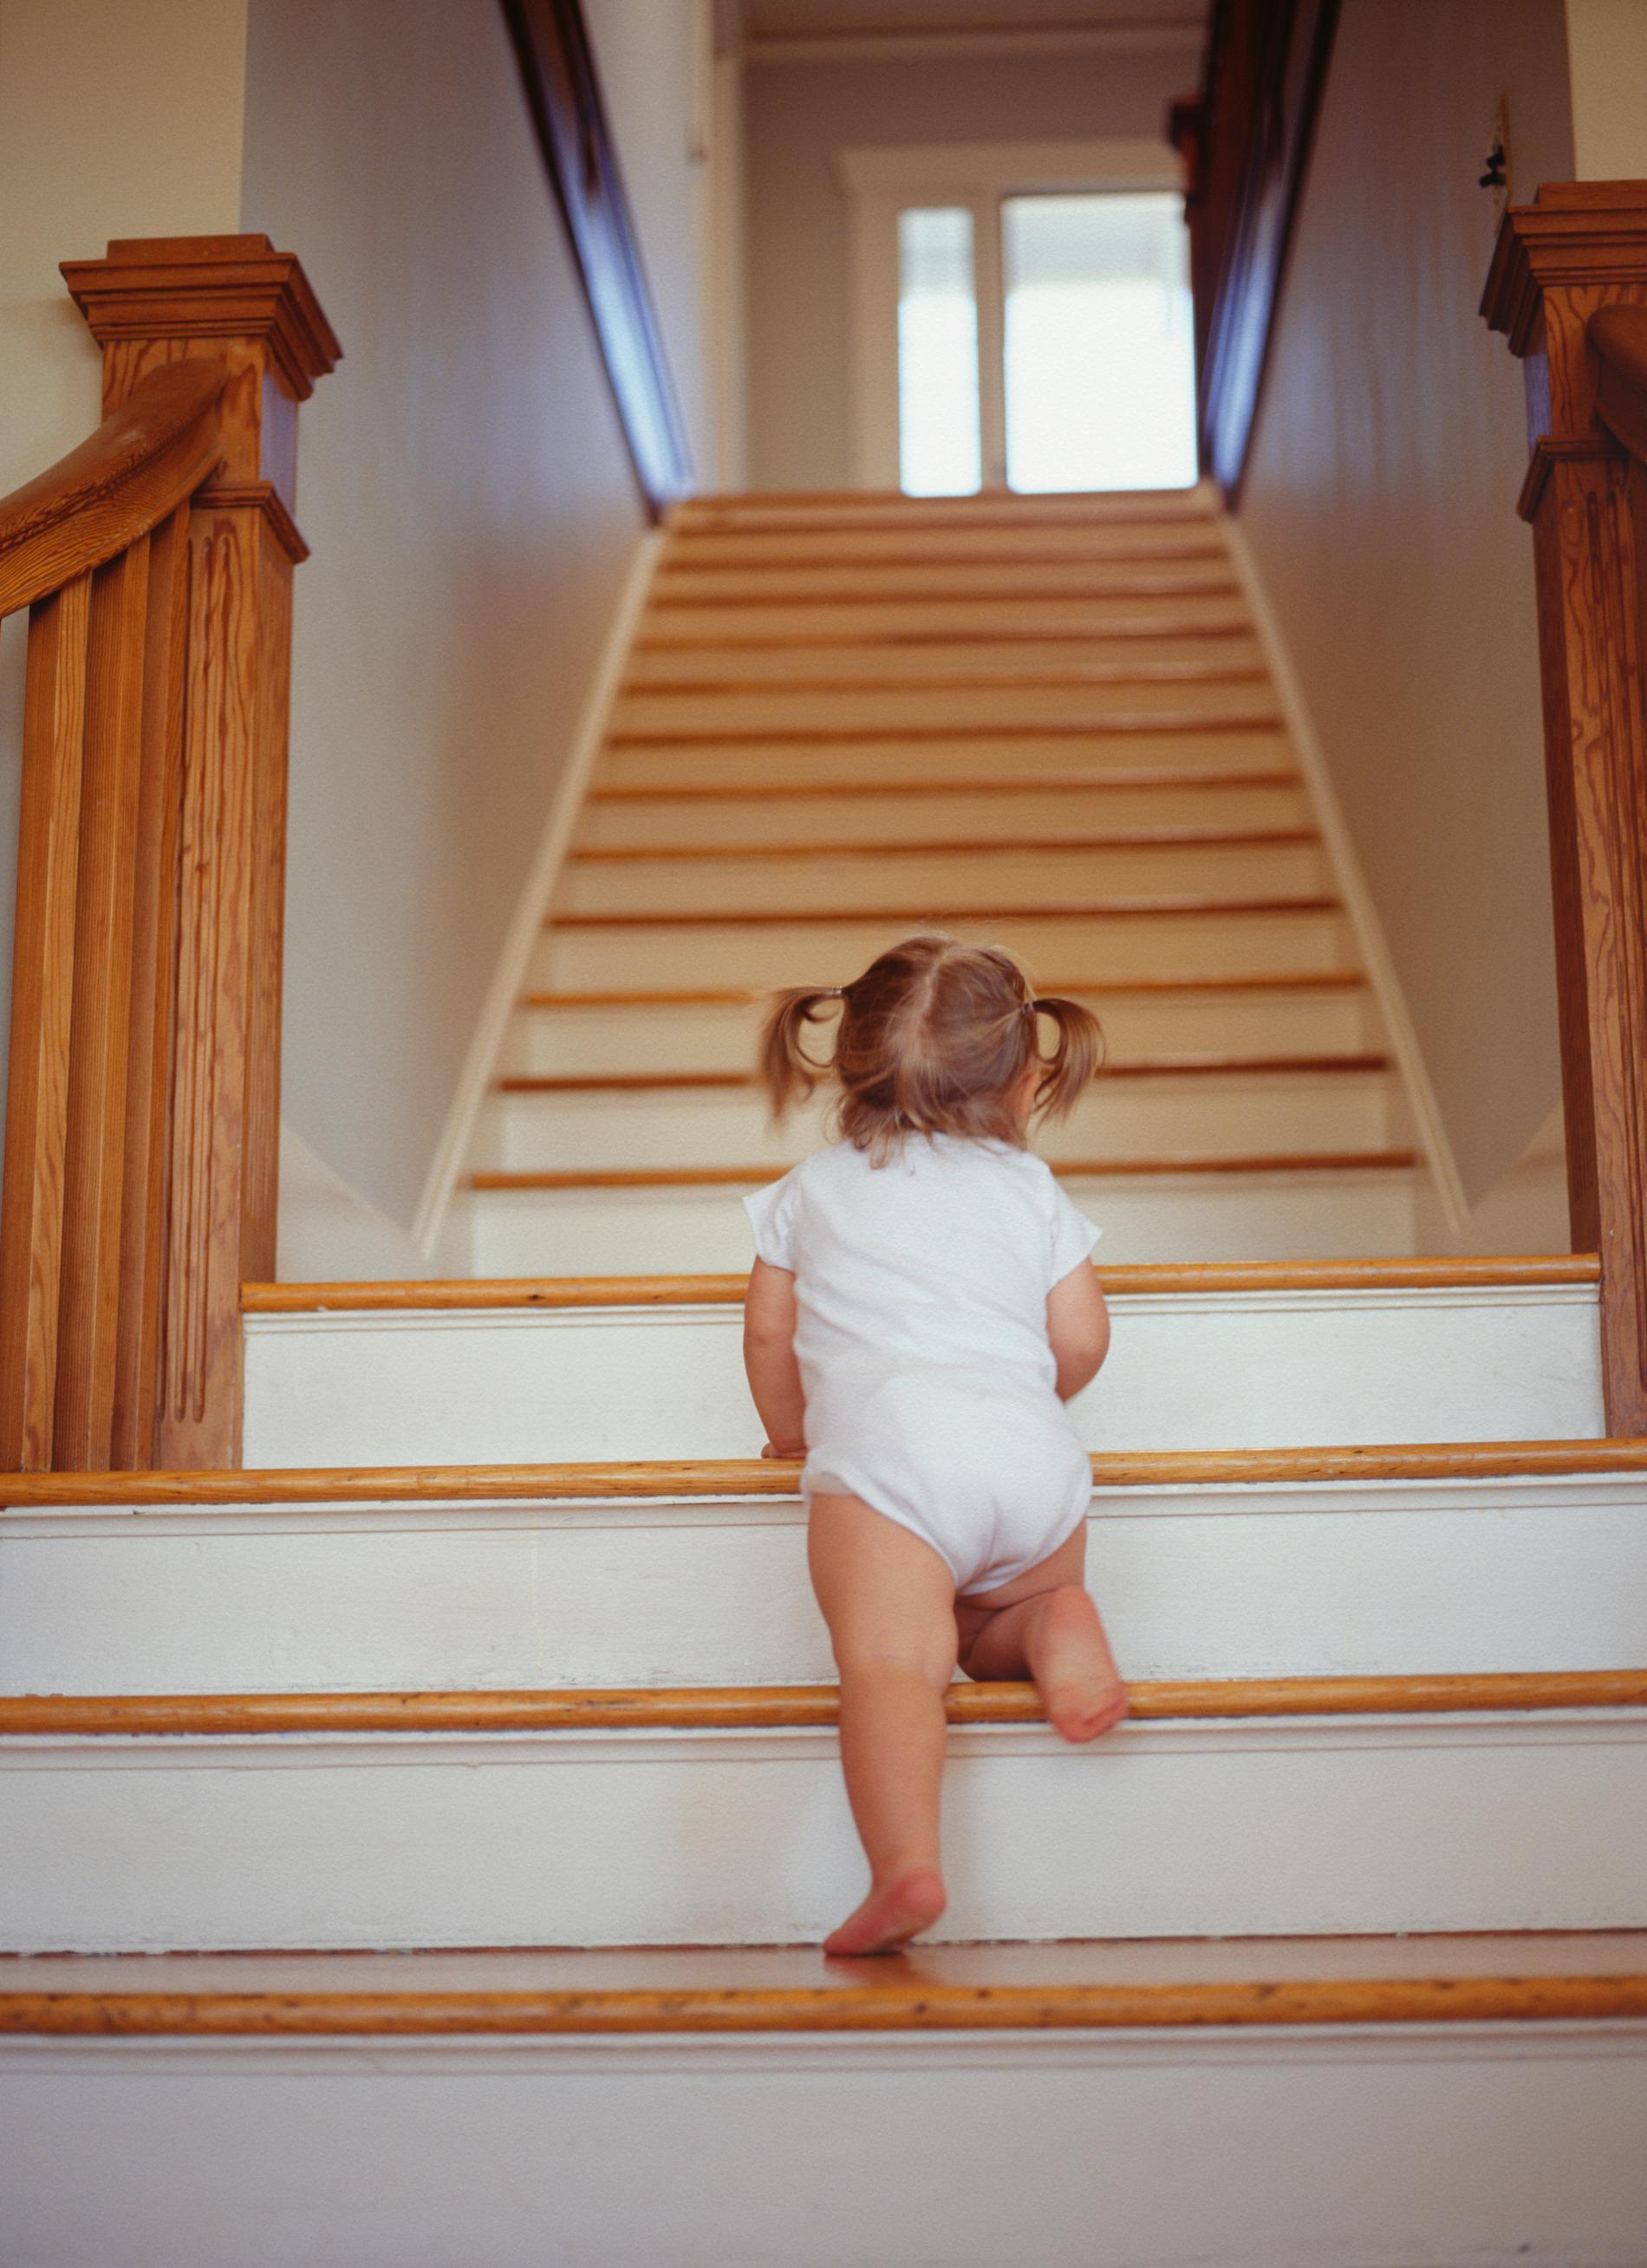 När barnet börjar röra sig, krypa, hasa eller kanske till och med gå öppnar en ny värld upp sig –både för barnet och för föräldrarna.